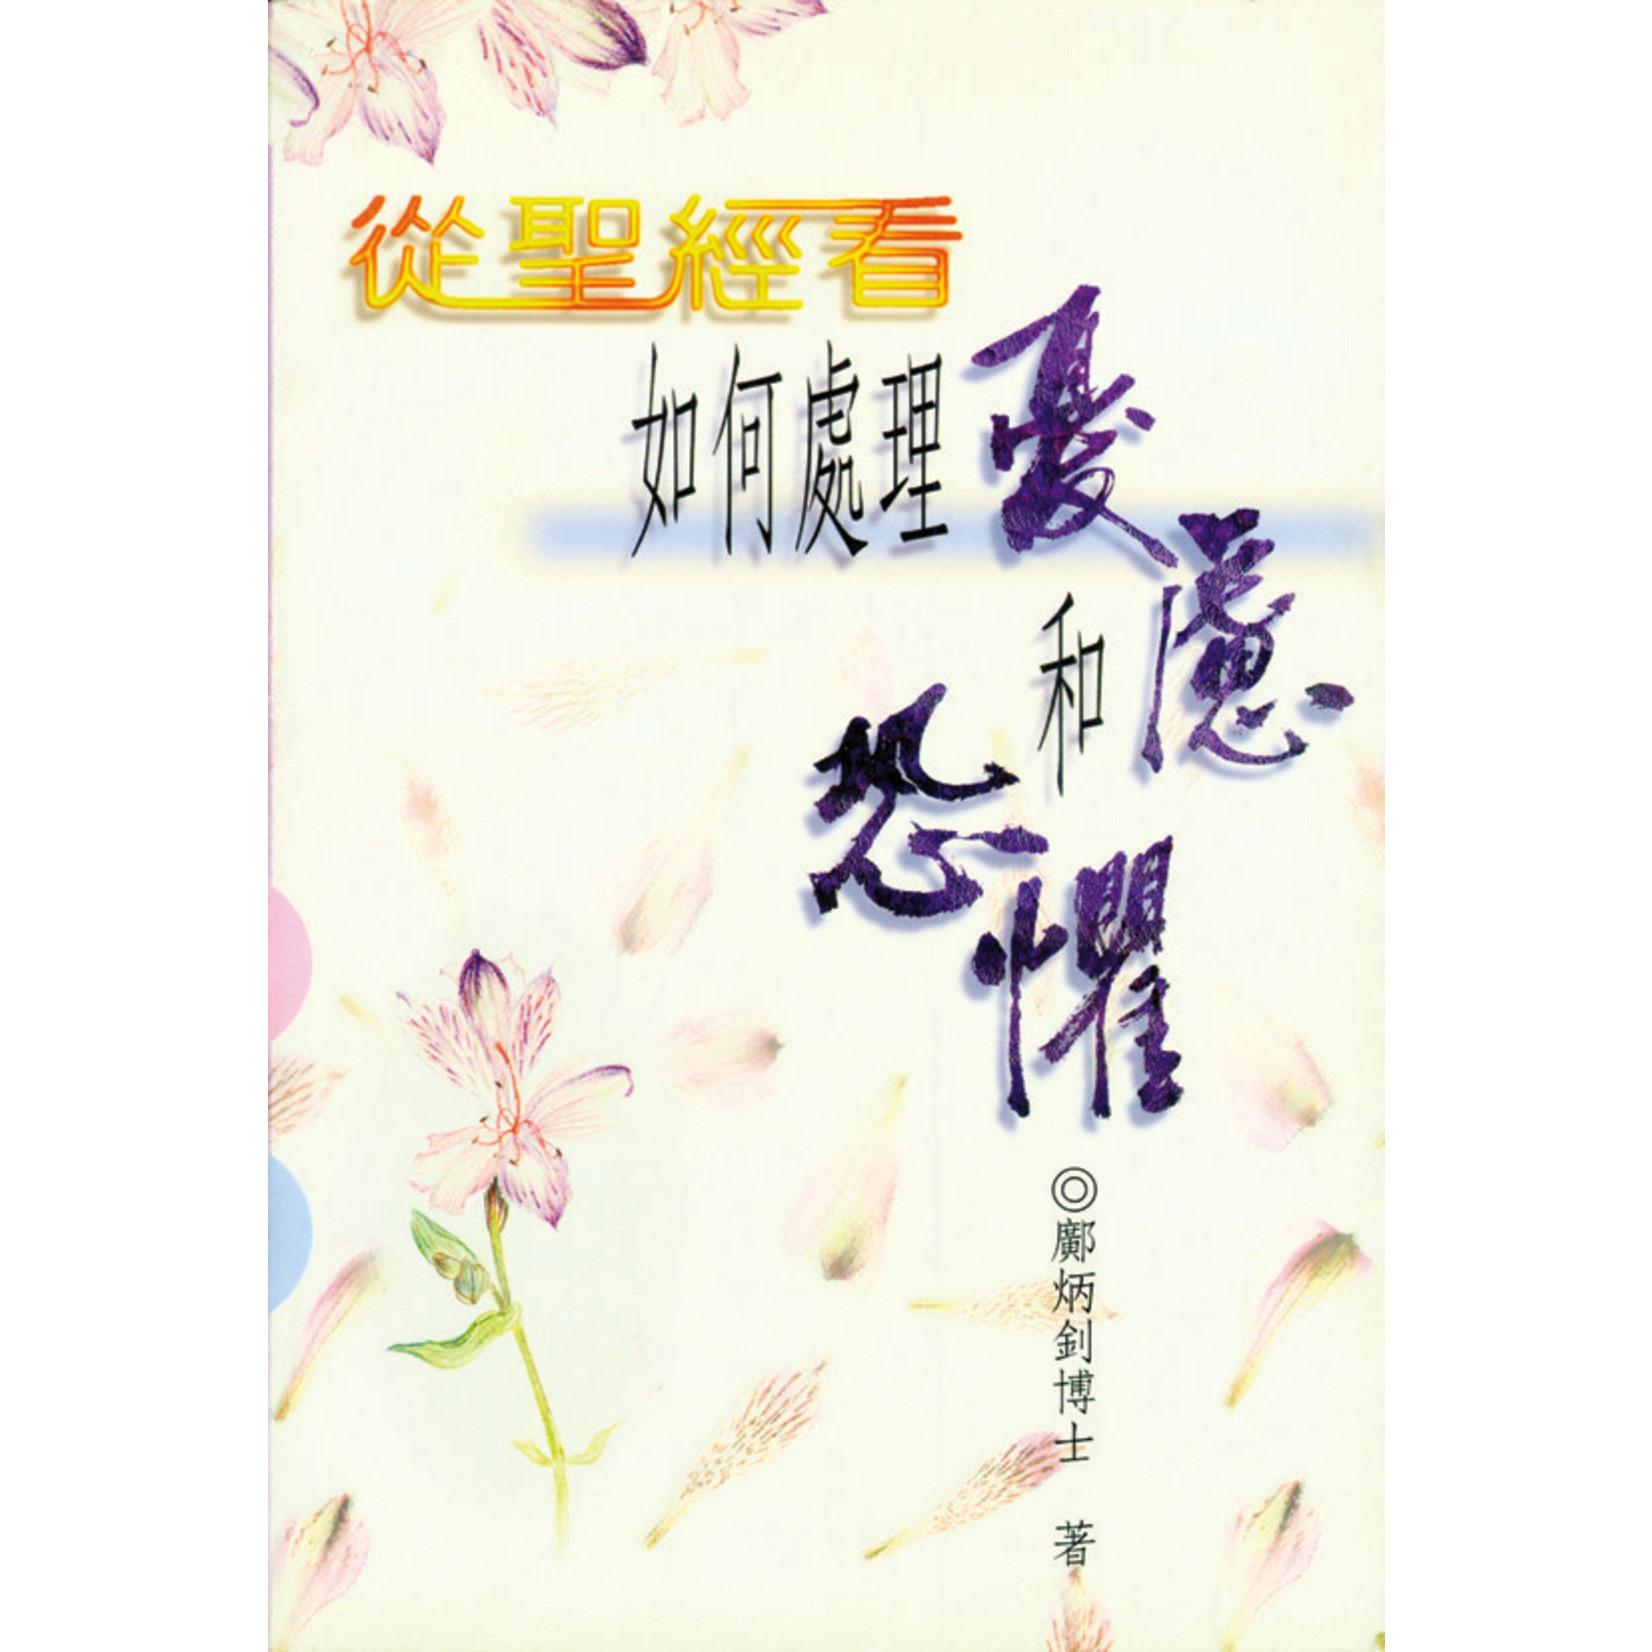 天道書樓 Tien Dao Publishing House 從聖經看如何處理憂慮和恐懼